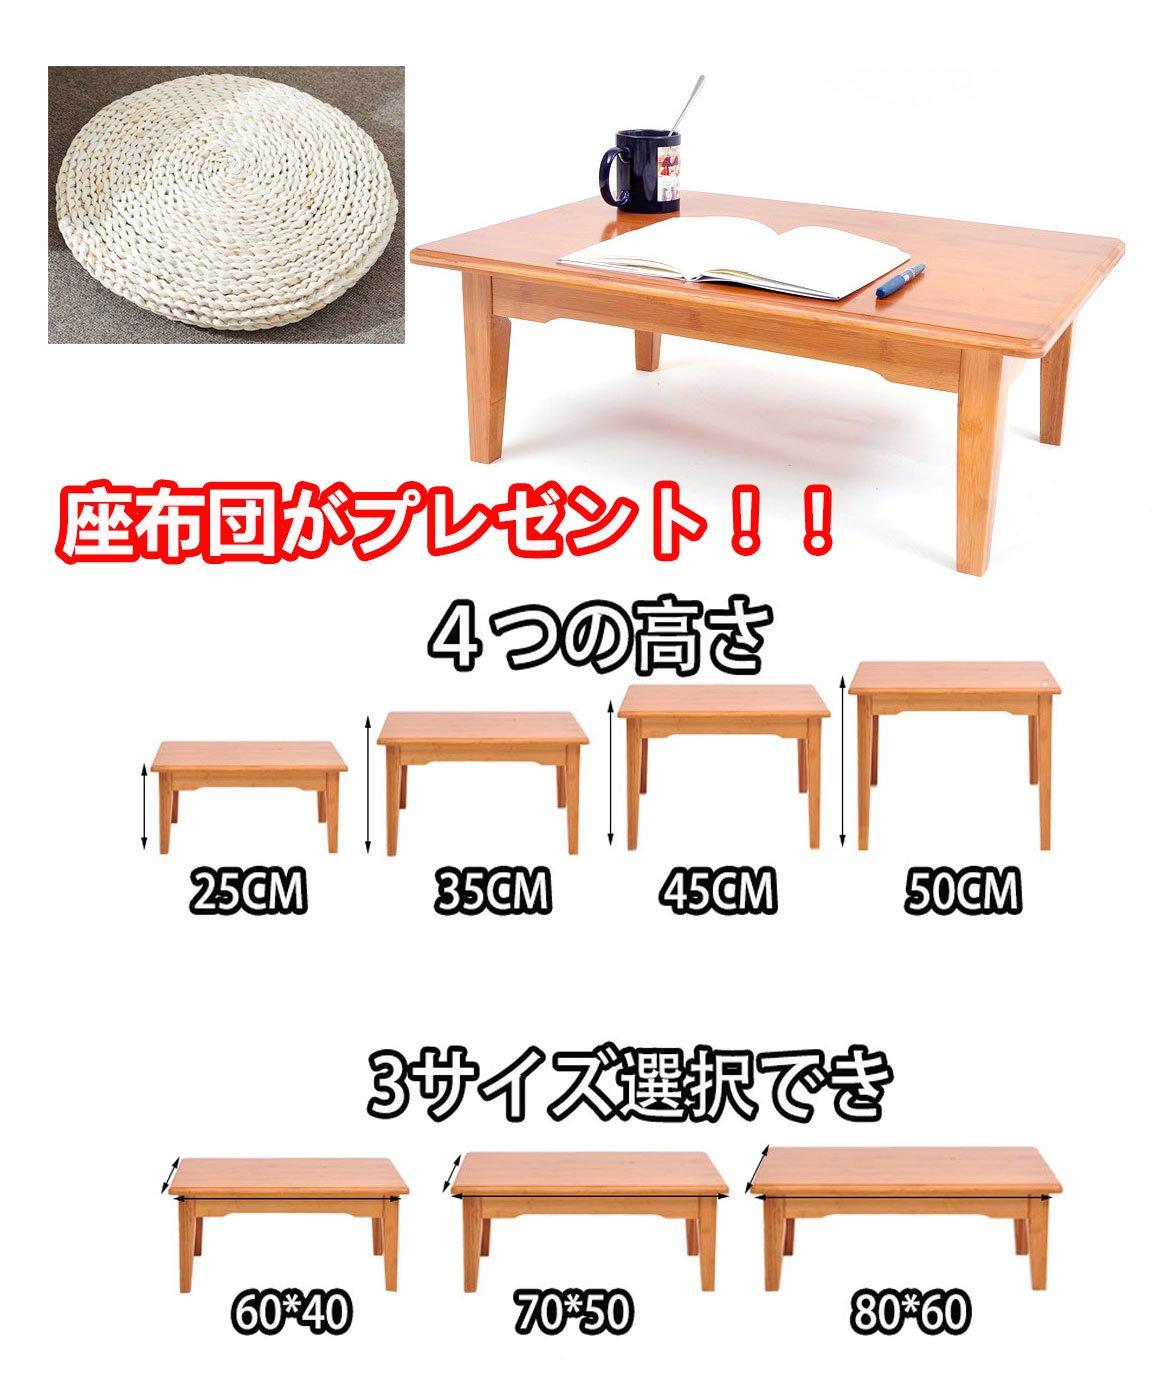 テーブル 木製テーブル 座卓 ローテーブル ちゃぶ台 幅60/70/80cm 高さ25/35/45/50cm 机 テーブル 脚 木製 テーブル デスク ウォールナット シンプル 北欧 B01M7YJHZS 70*50*25|25 25 70*50*25